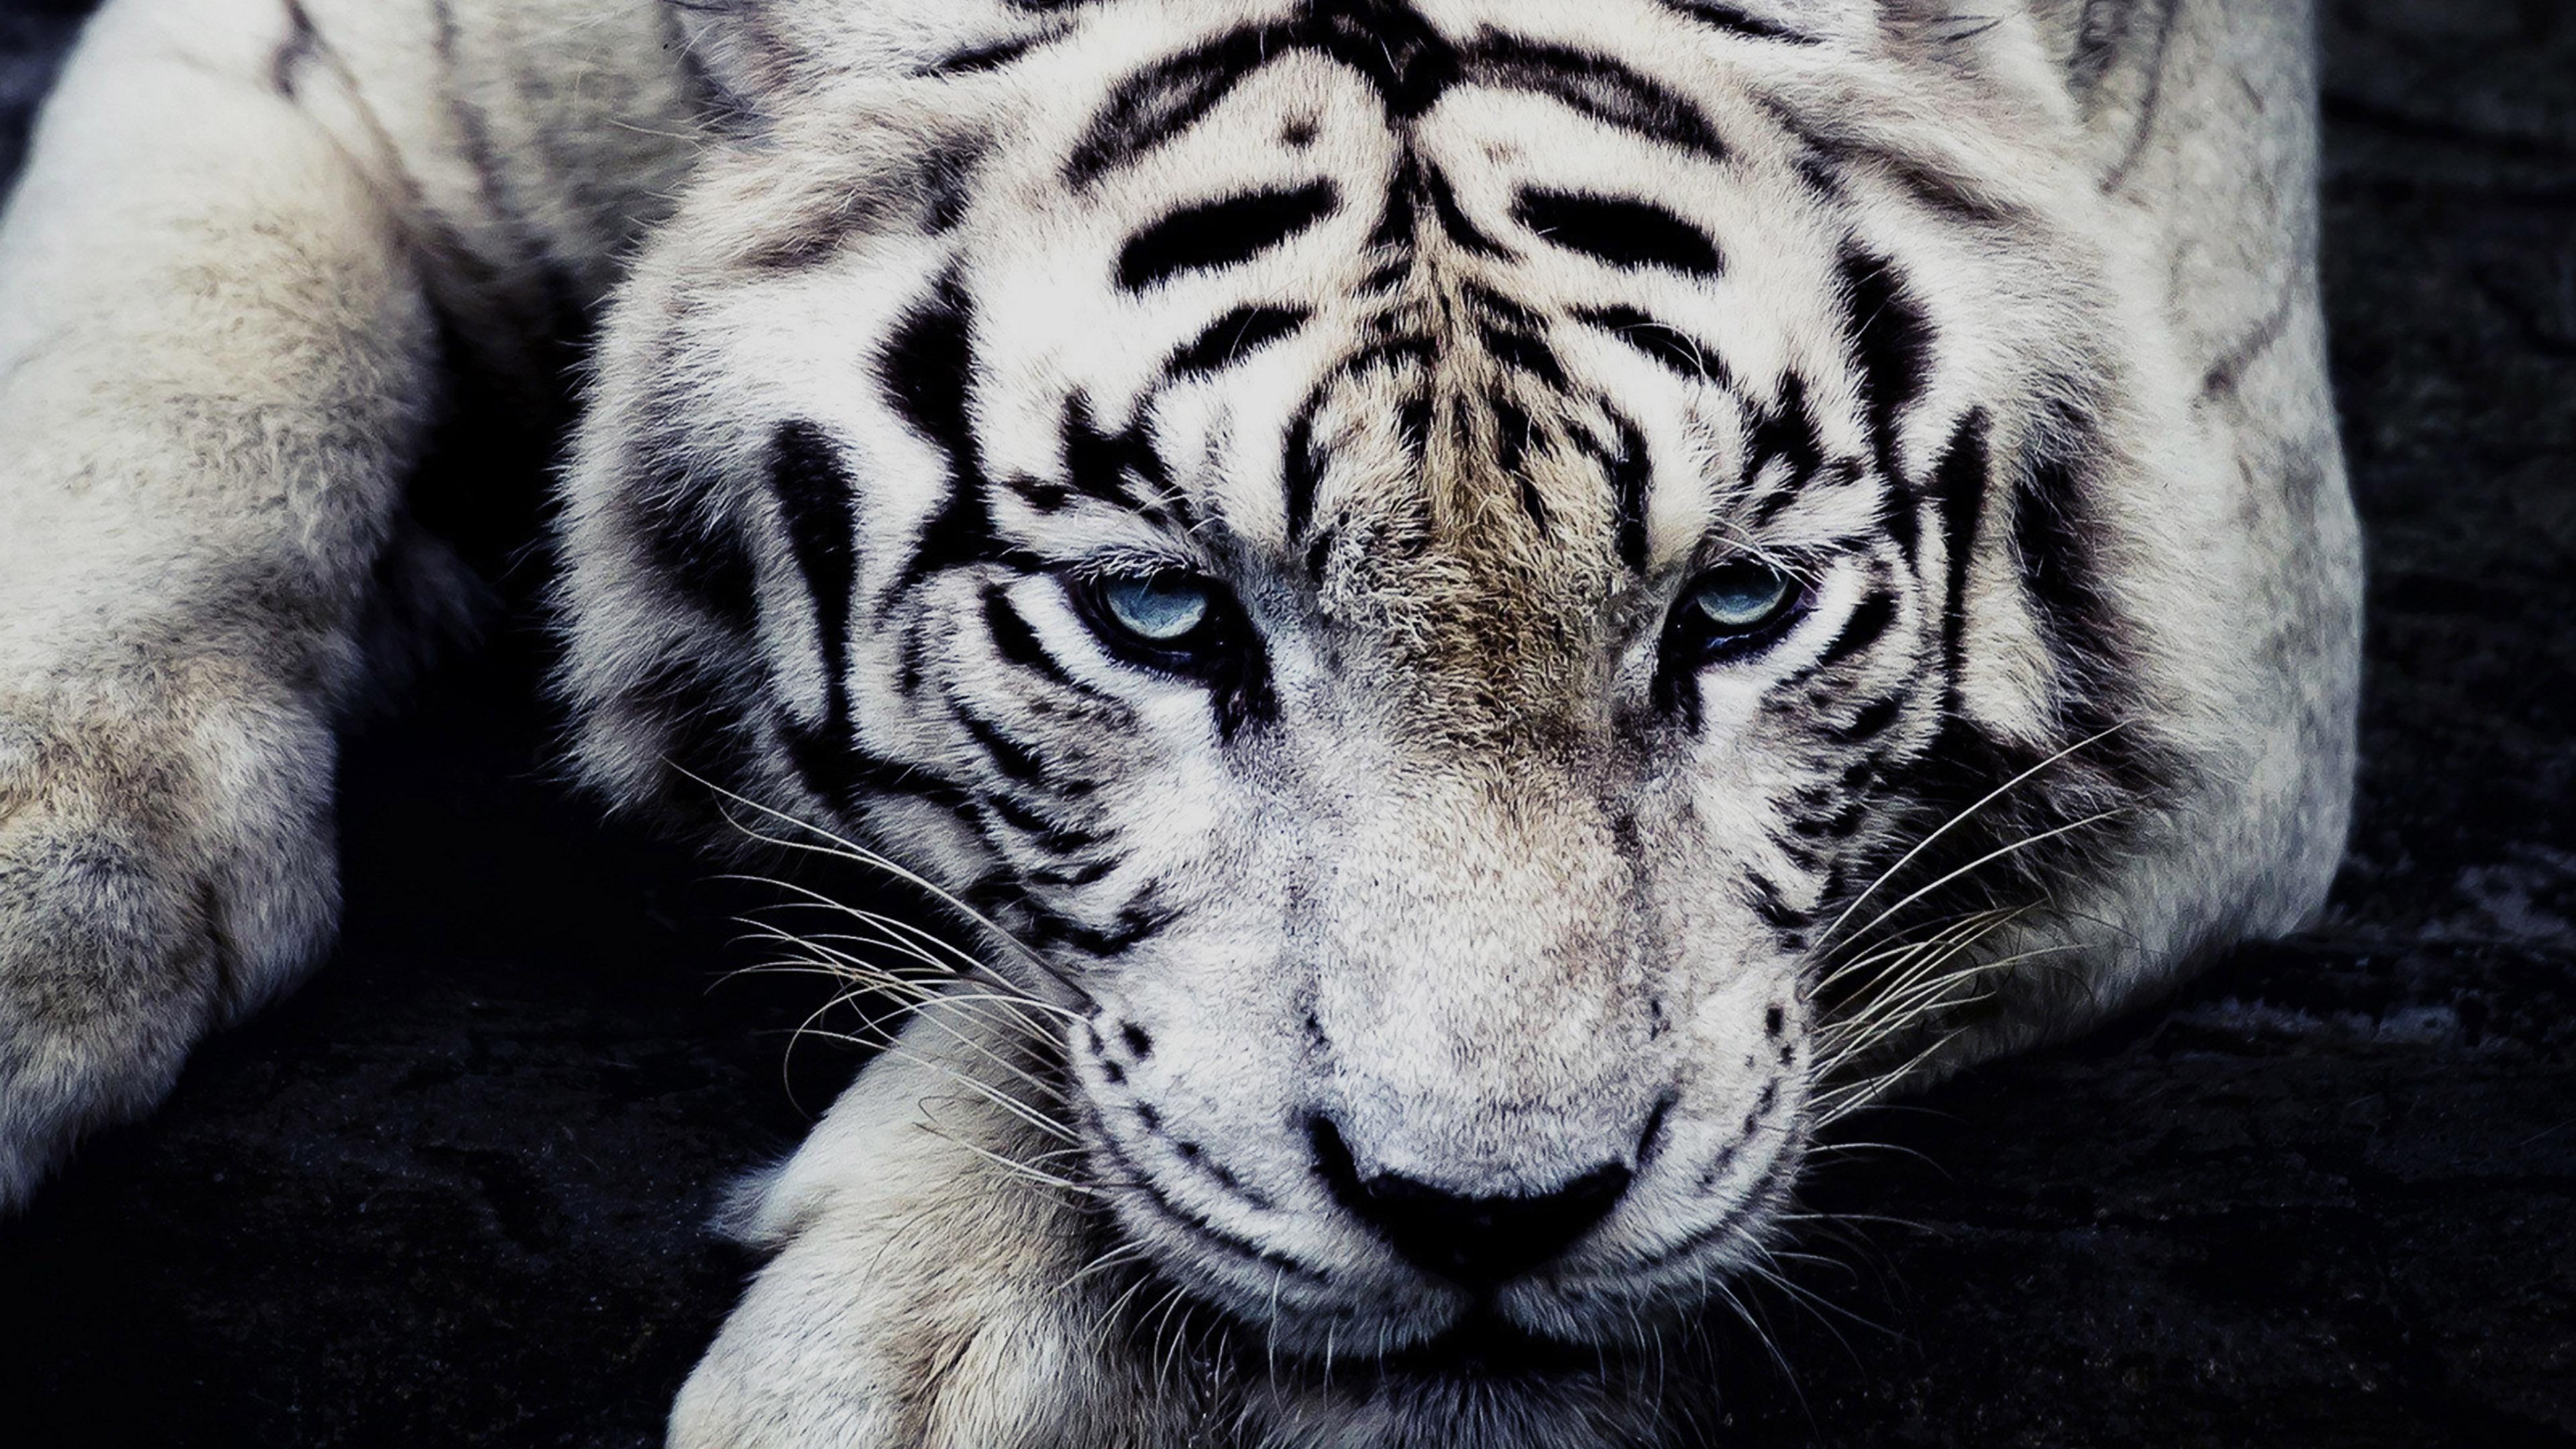 3840 x 2400 - White tiger wallpaper free download ...